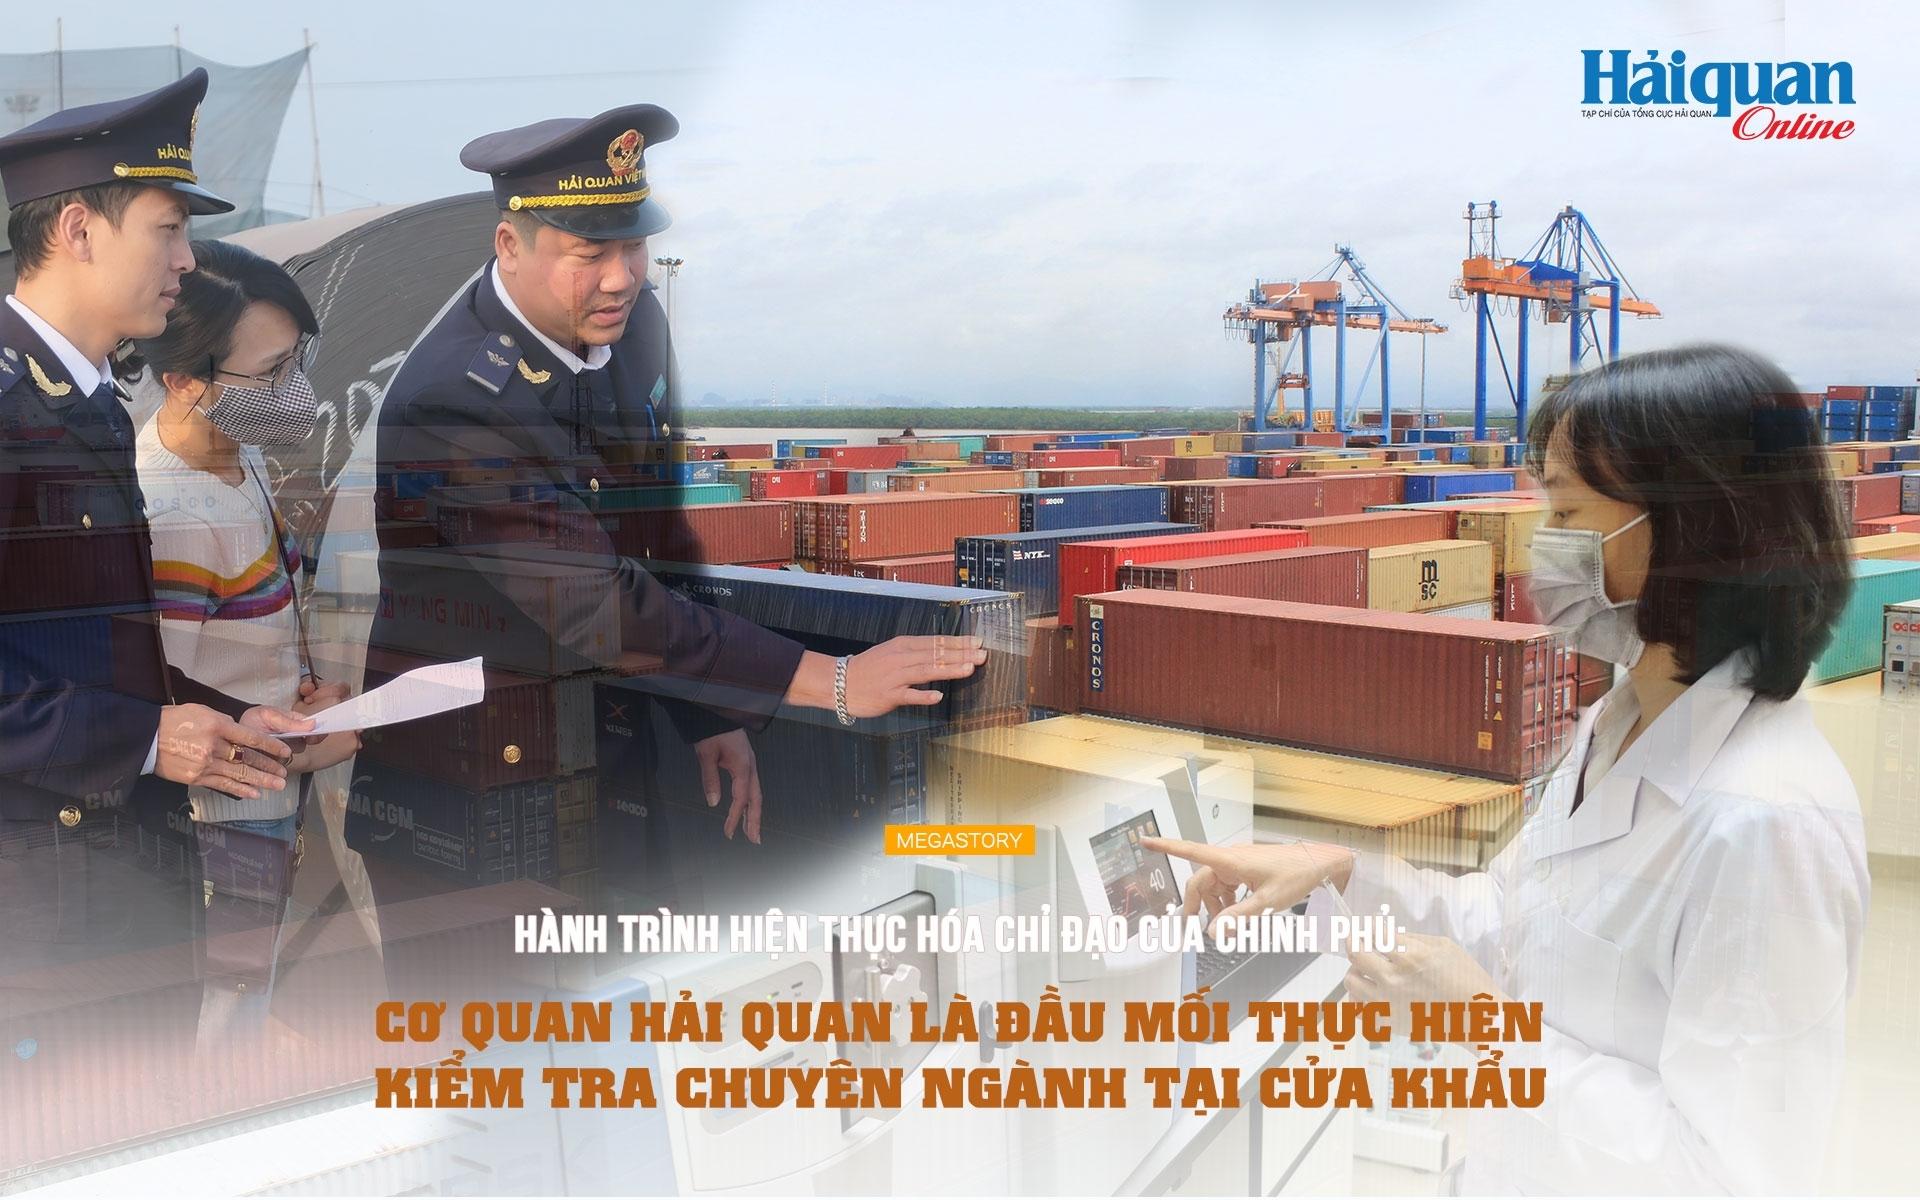 MEGASTORY: Hành trình hiện thực hóa chỉ đạo của Chính phủ: Cơ quan Hải quan là đầu mối thực hiện kiểm tra chuyên ngành tại cửa khẩu